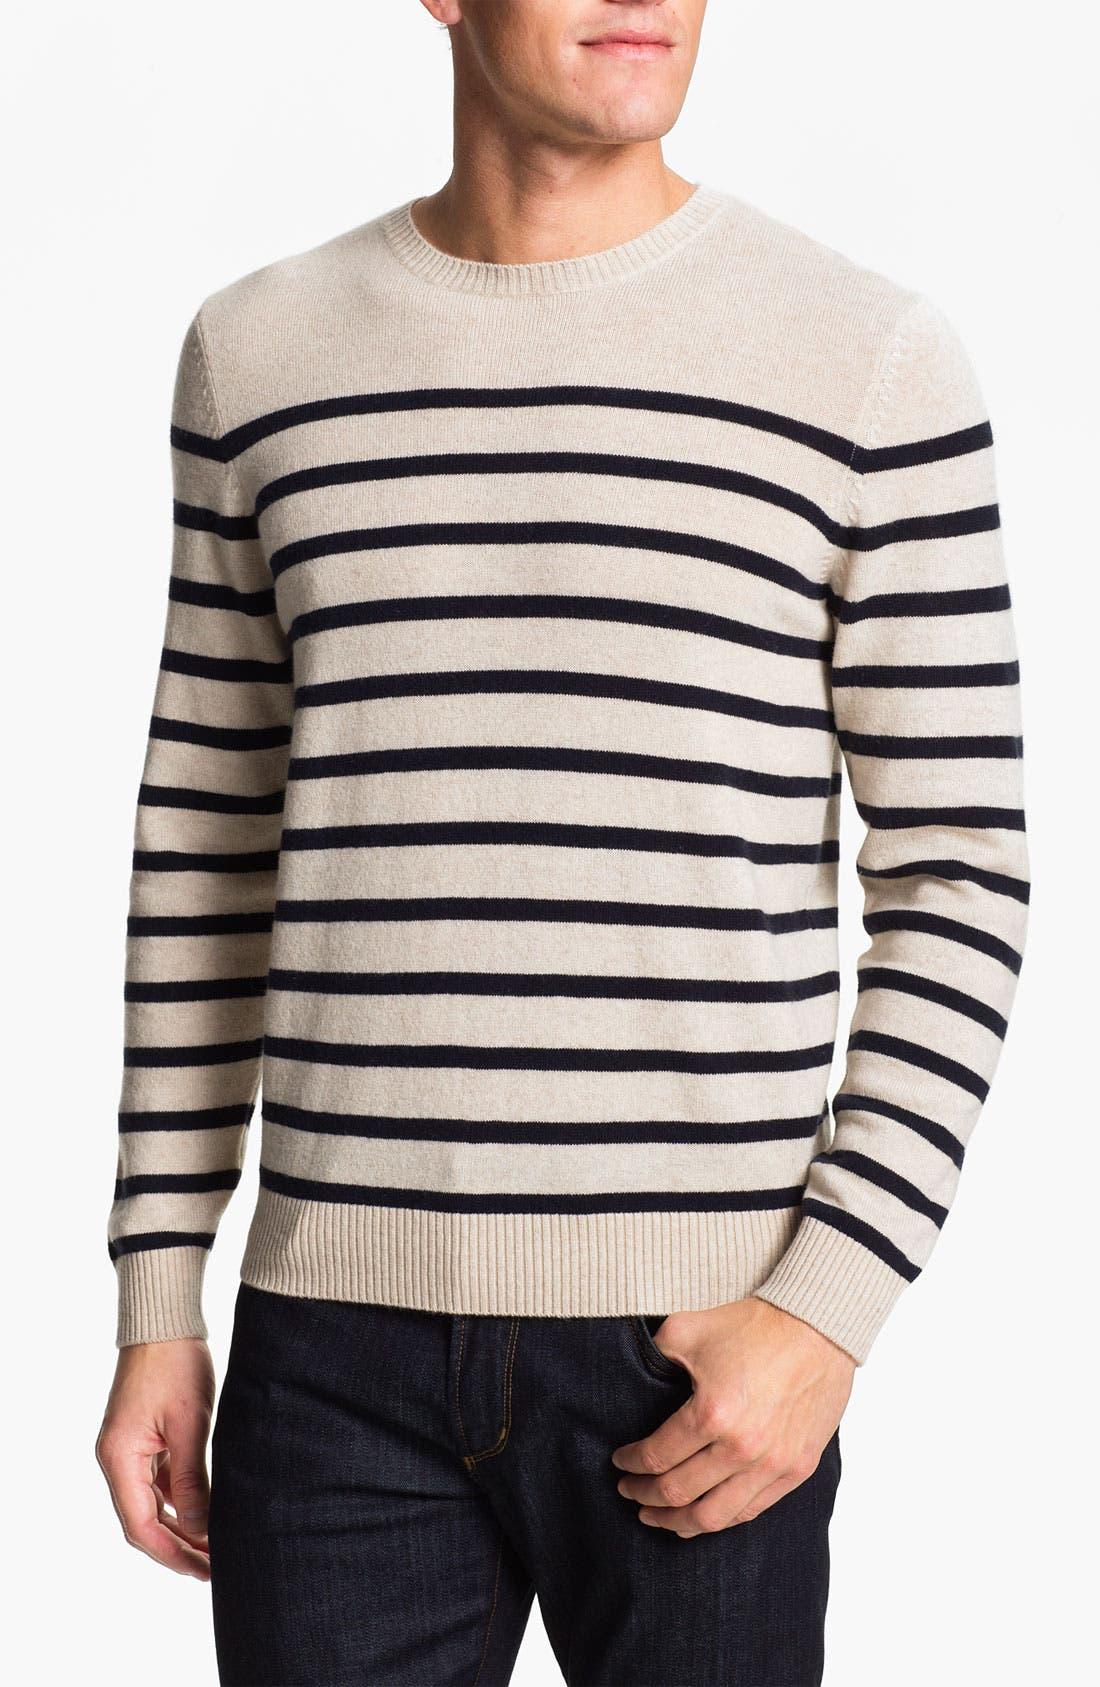 Main Image - Cullen89 Cashmere Crewneck Sweater